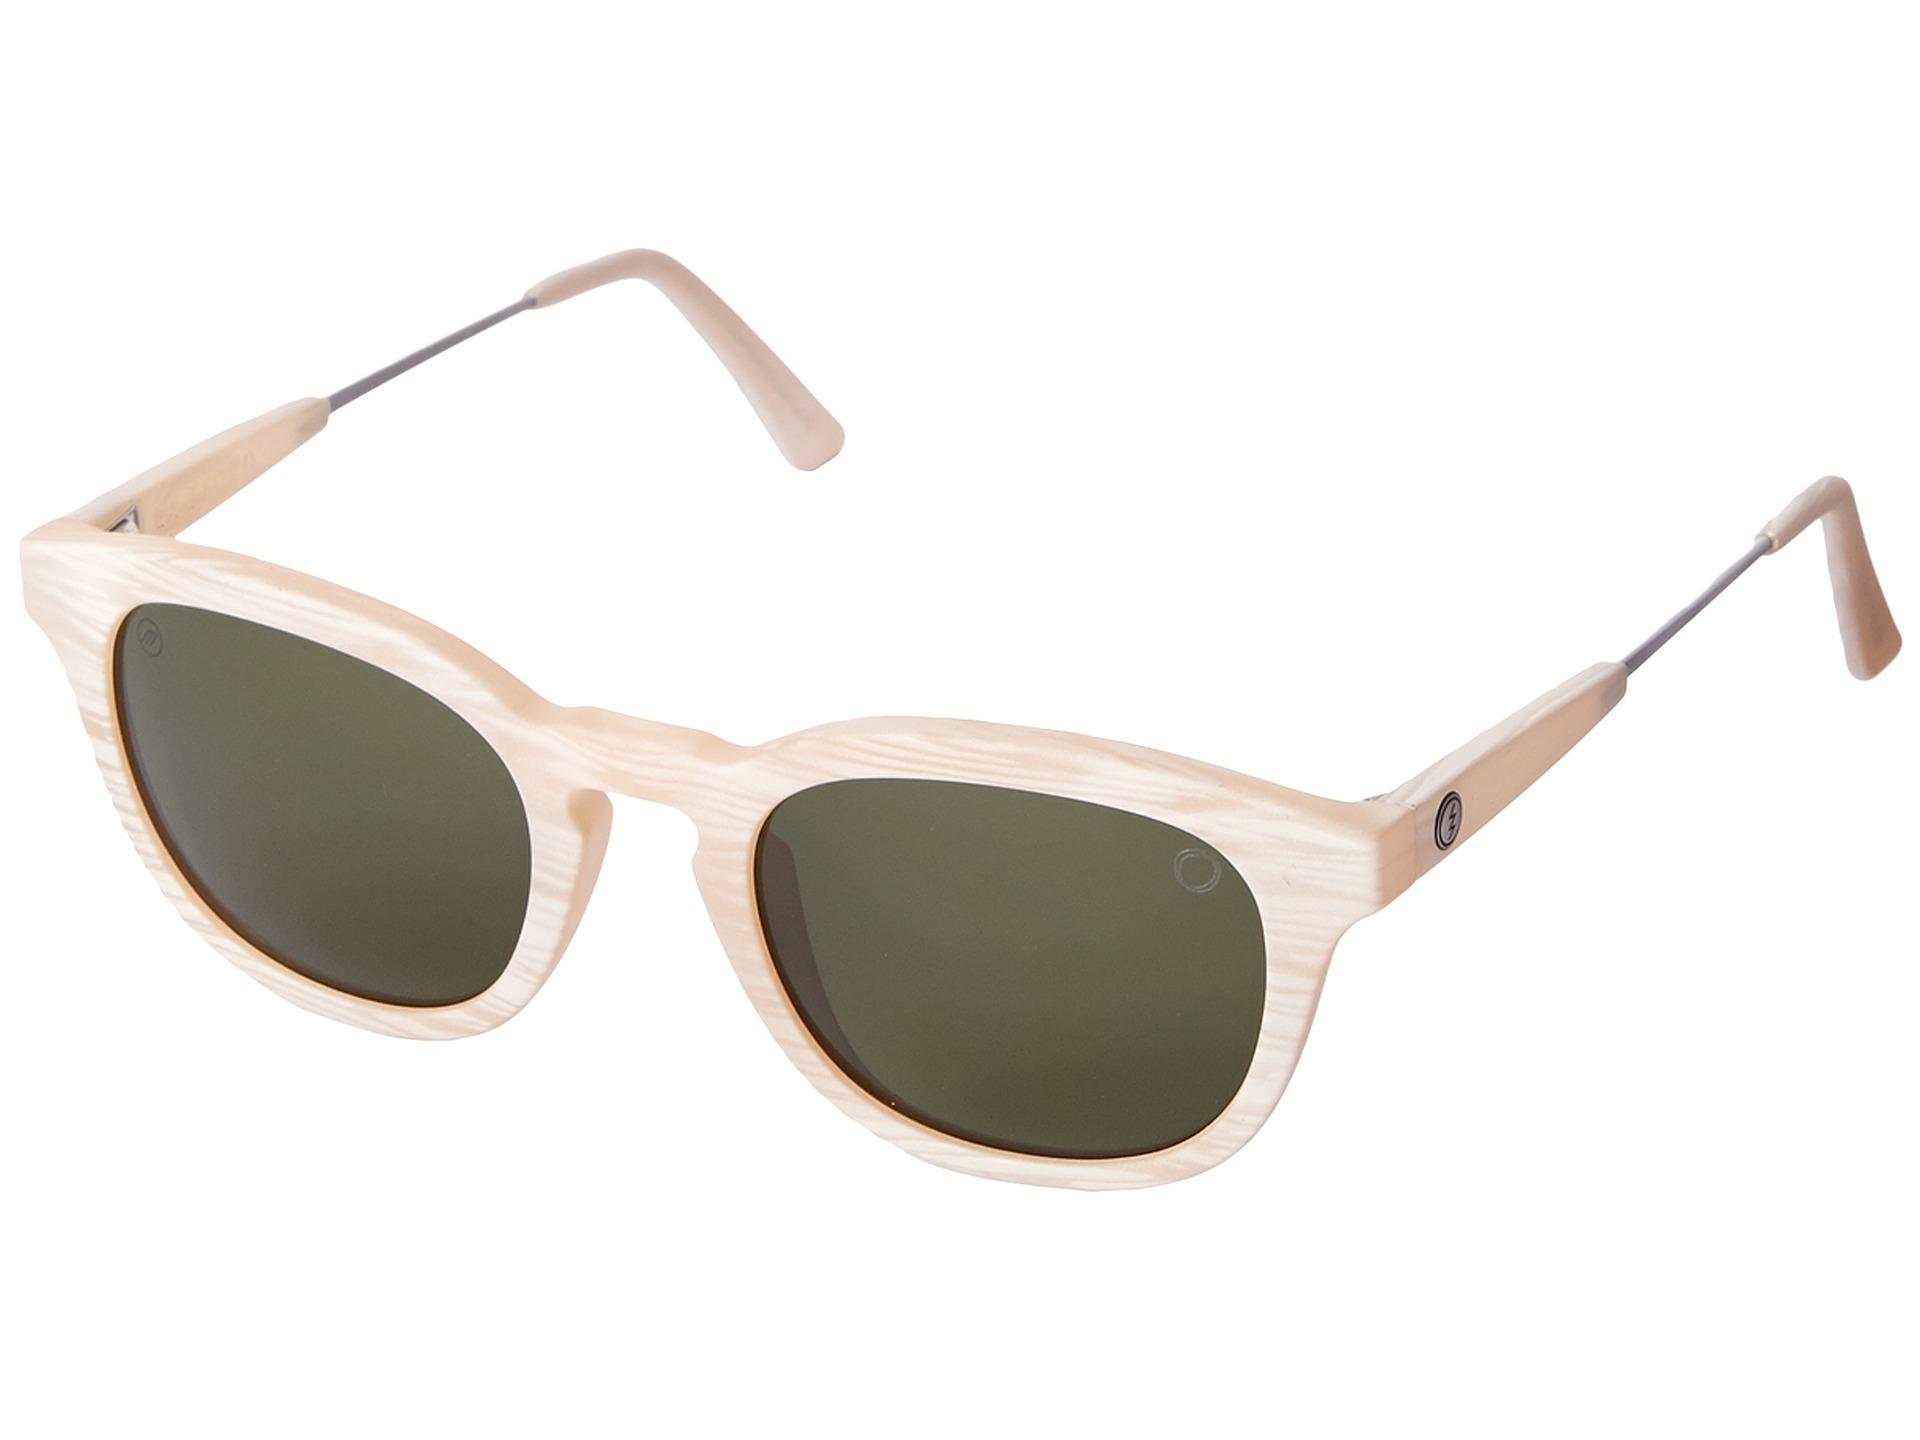 electric eyewear la txoko zappos free shipping both ways